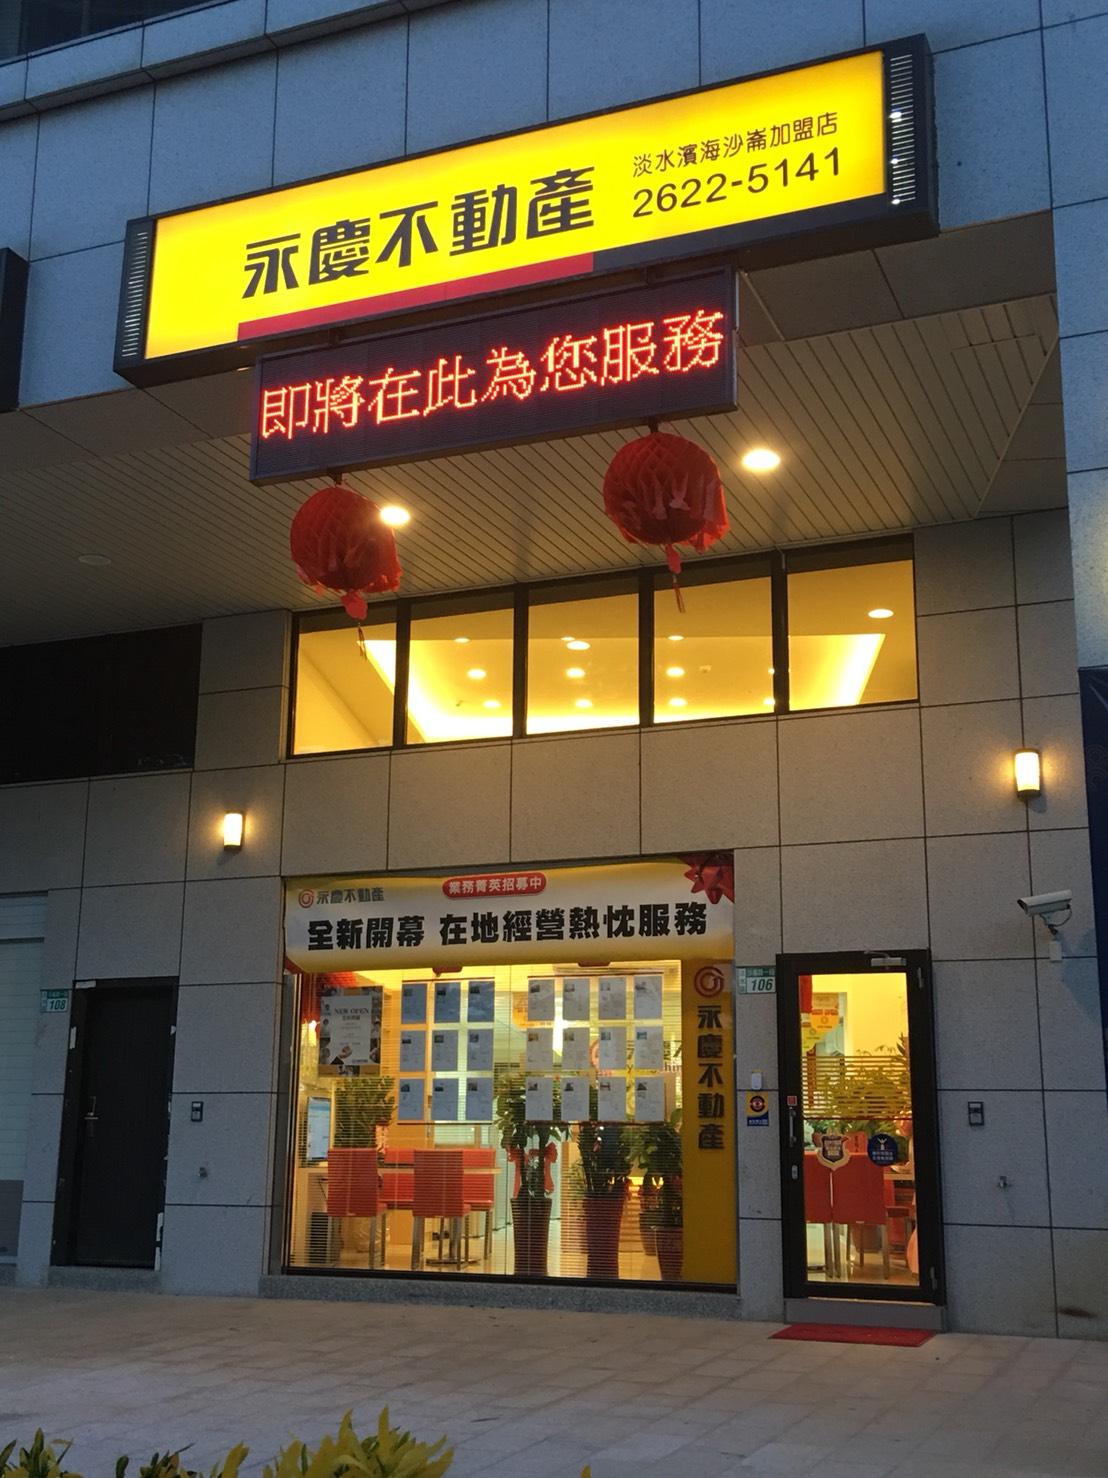 永慶不動產 - 淡水濱海沙崙加盟店